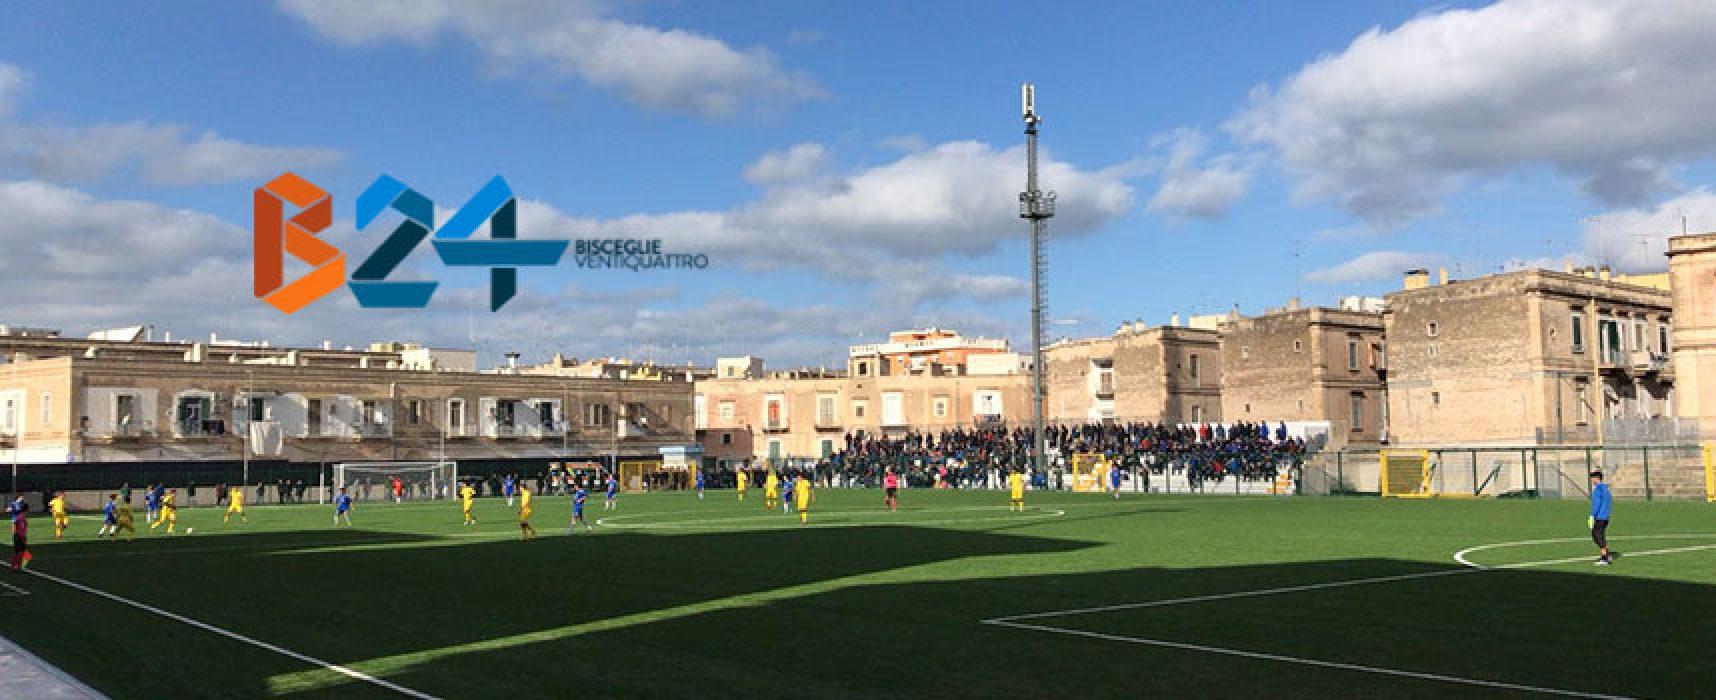 Unione Calcio-Molfetta, vendita tagliandi ai soli residenti a Bisceglie